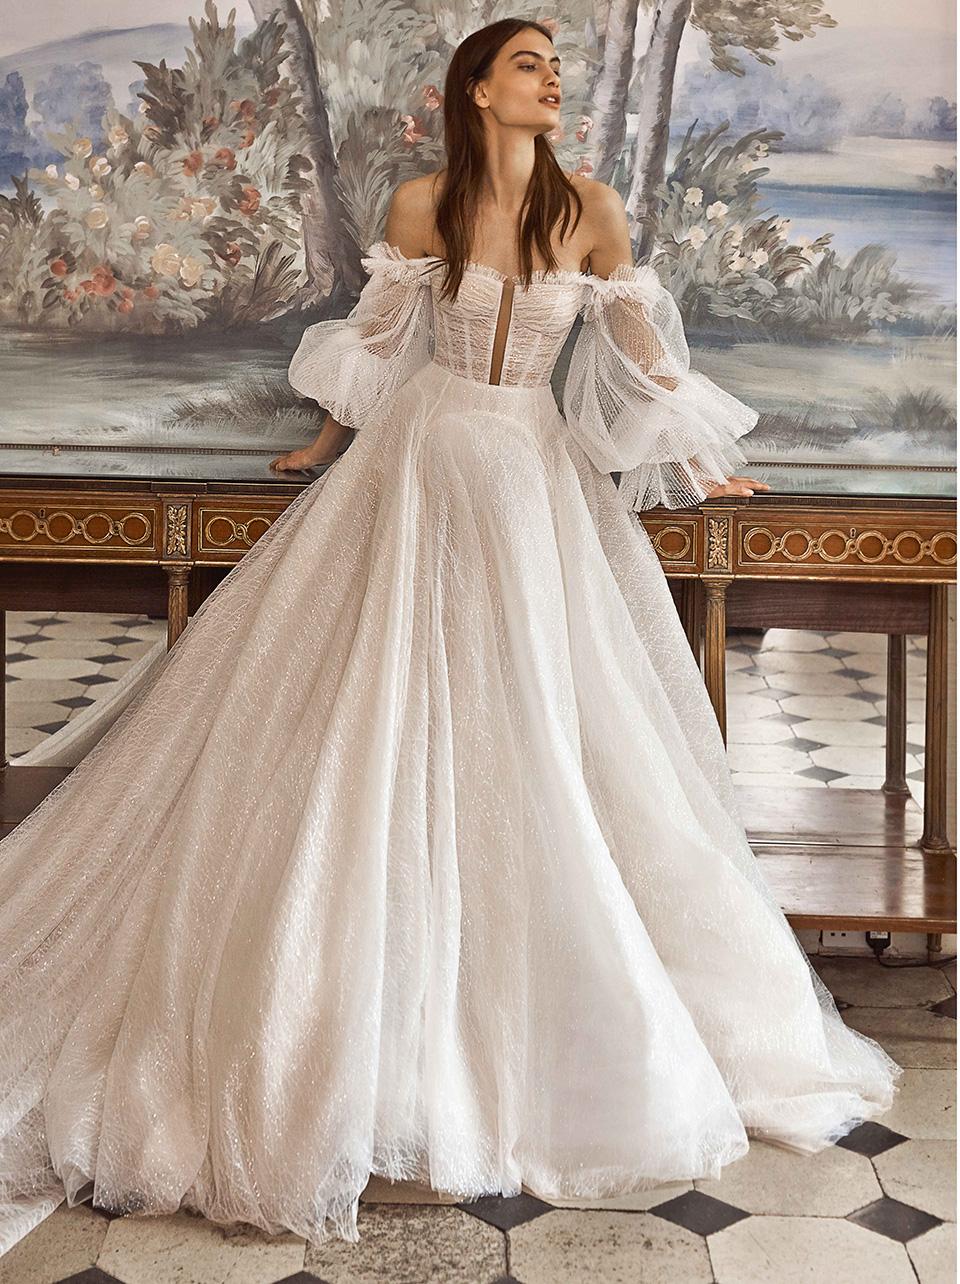 Seraphina   Dancing Queen   Bridal Dresses   Galia Lahav